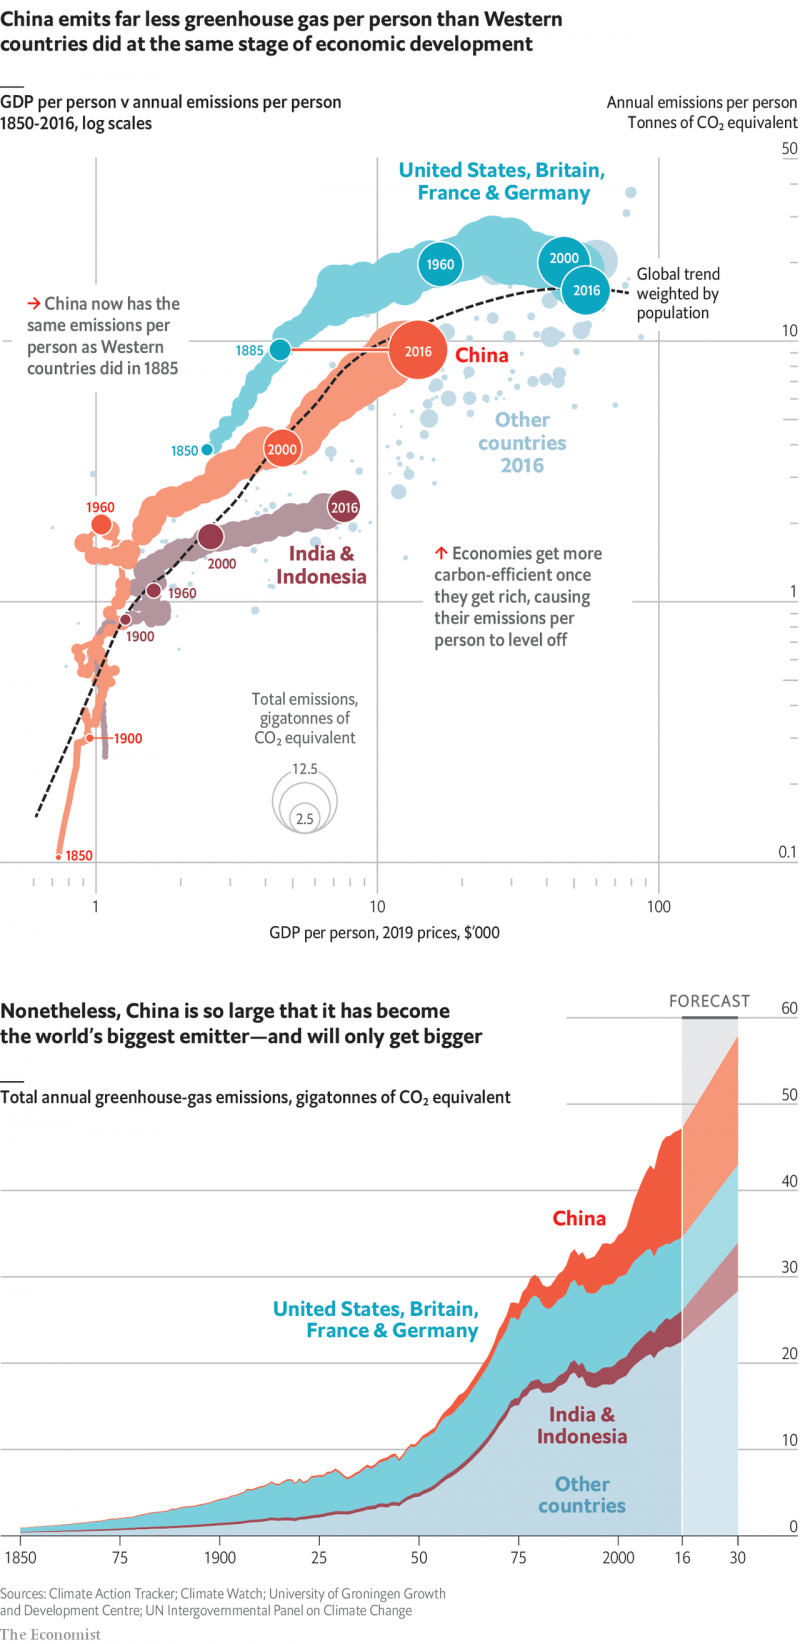 130 Ideas De Climate Change En 2021 Cambio Climatico Climatico Efectos Del Calentamiento Global